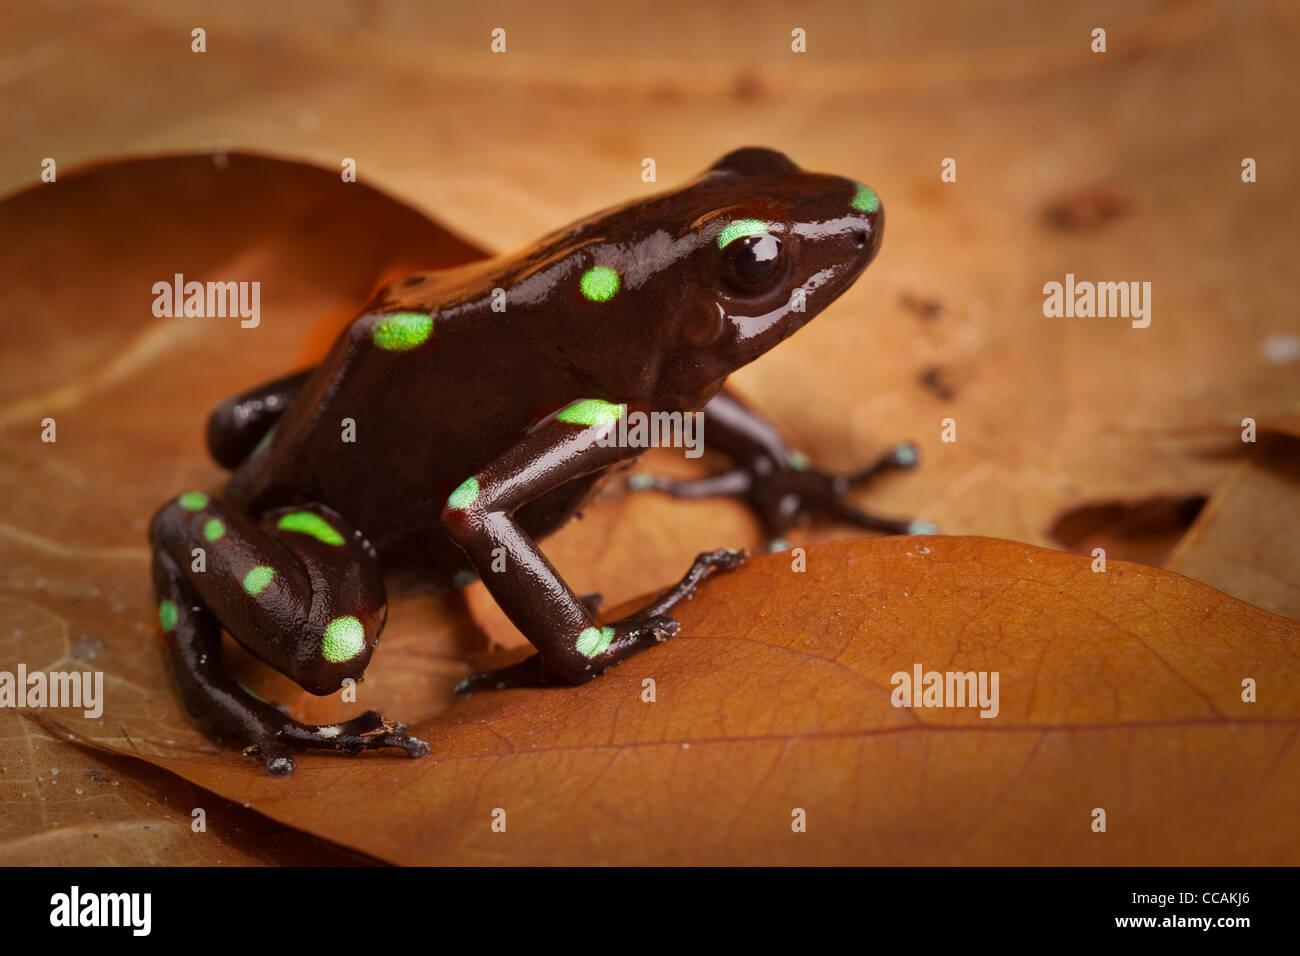 Goldene poison Dart Frosch Dendrobates Auratus giftige Tier mit ...